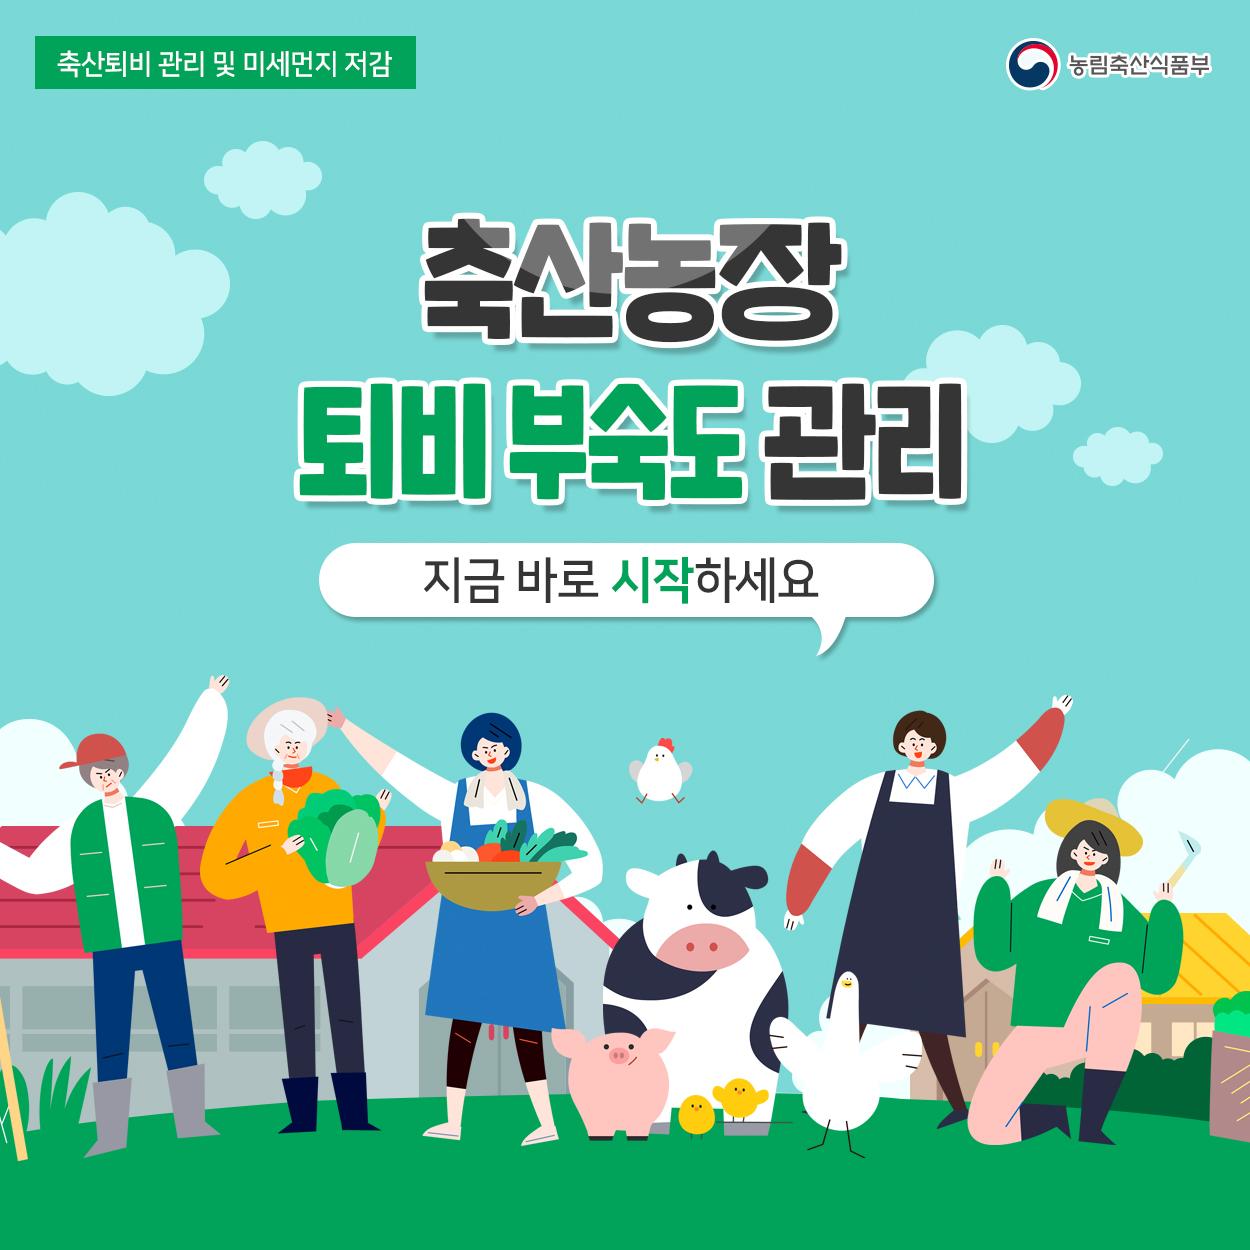 농식품부_카드뉴스_퇴비1_200102.jpg